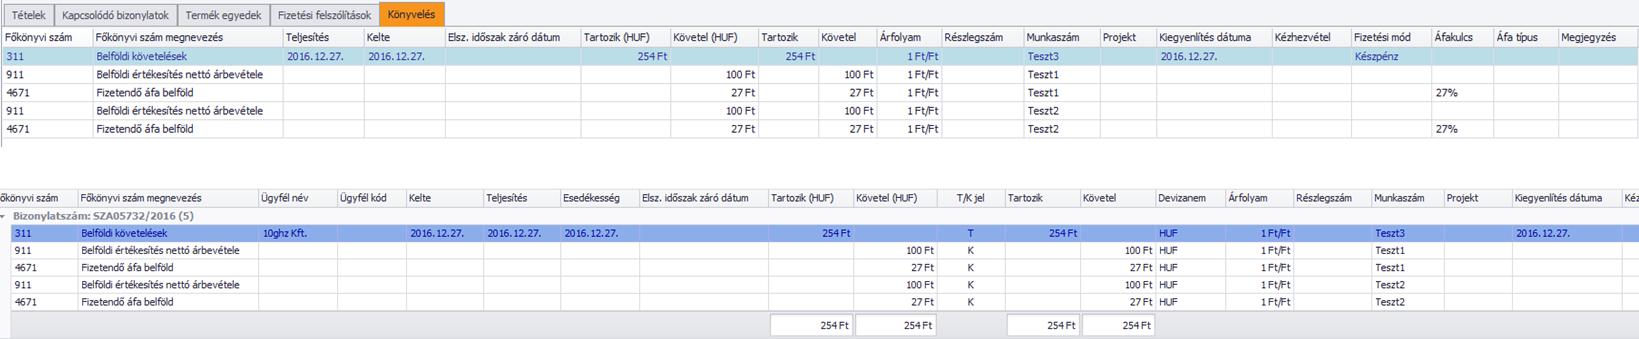 Könyvelés_adatok_1